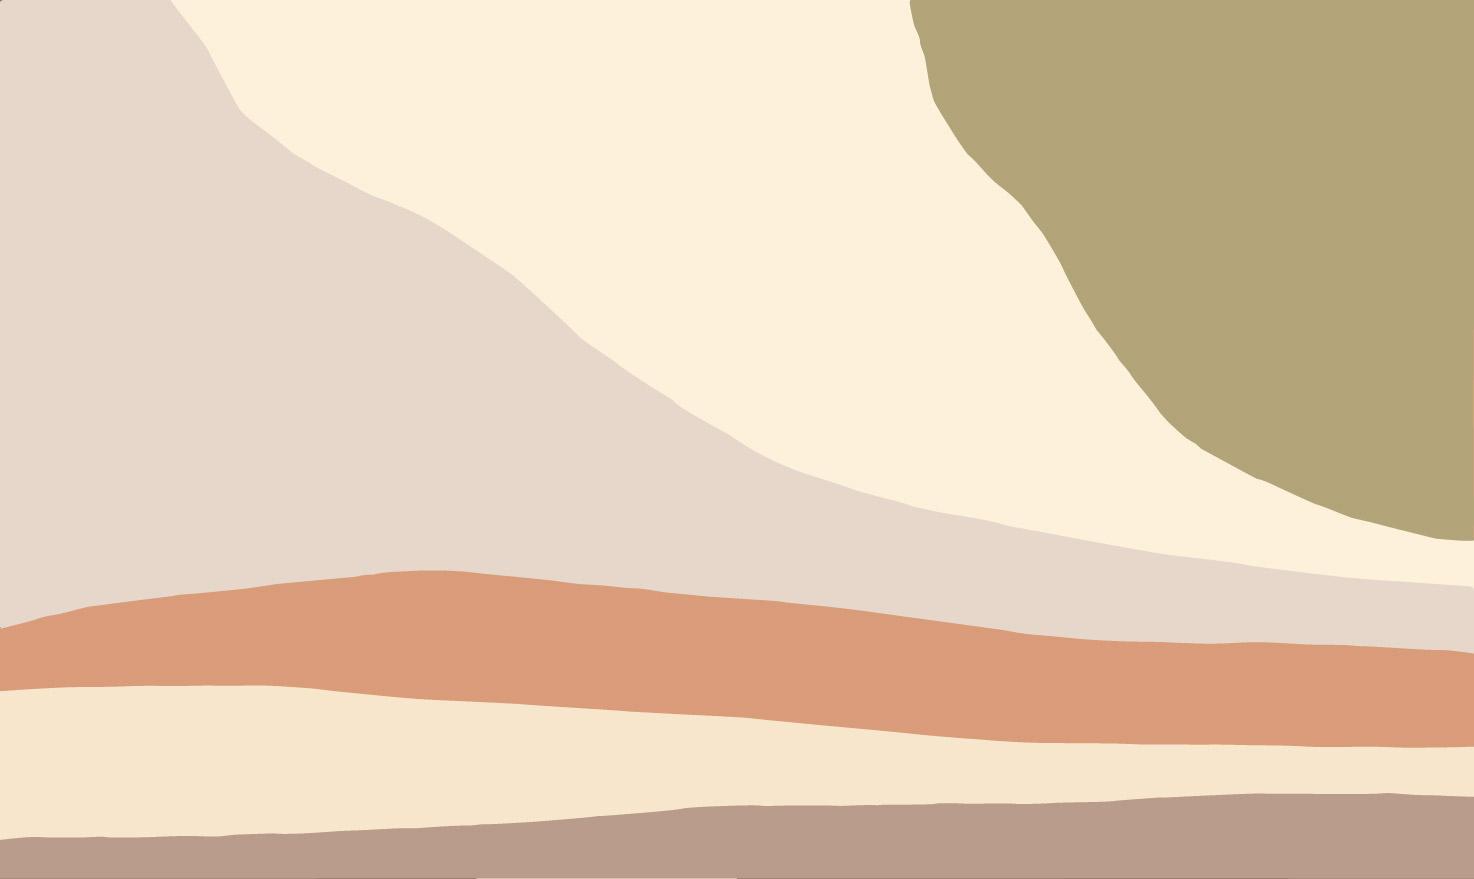 B4601_MONDI-PARALLELI-(ARIA)_CREME-ROSE-GREEN_LR.jpg